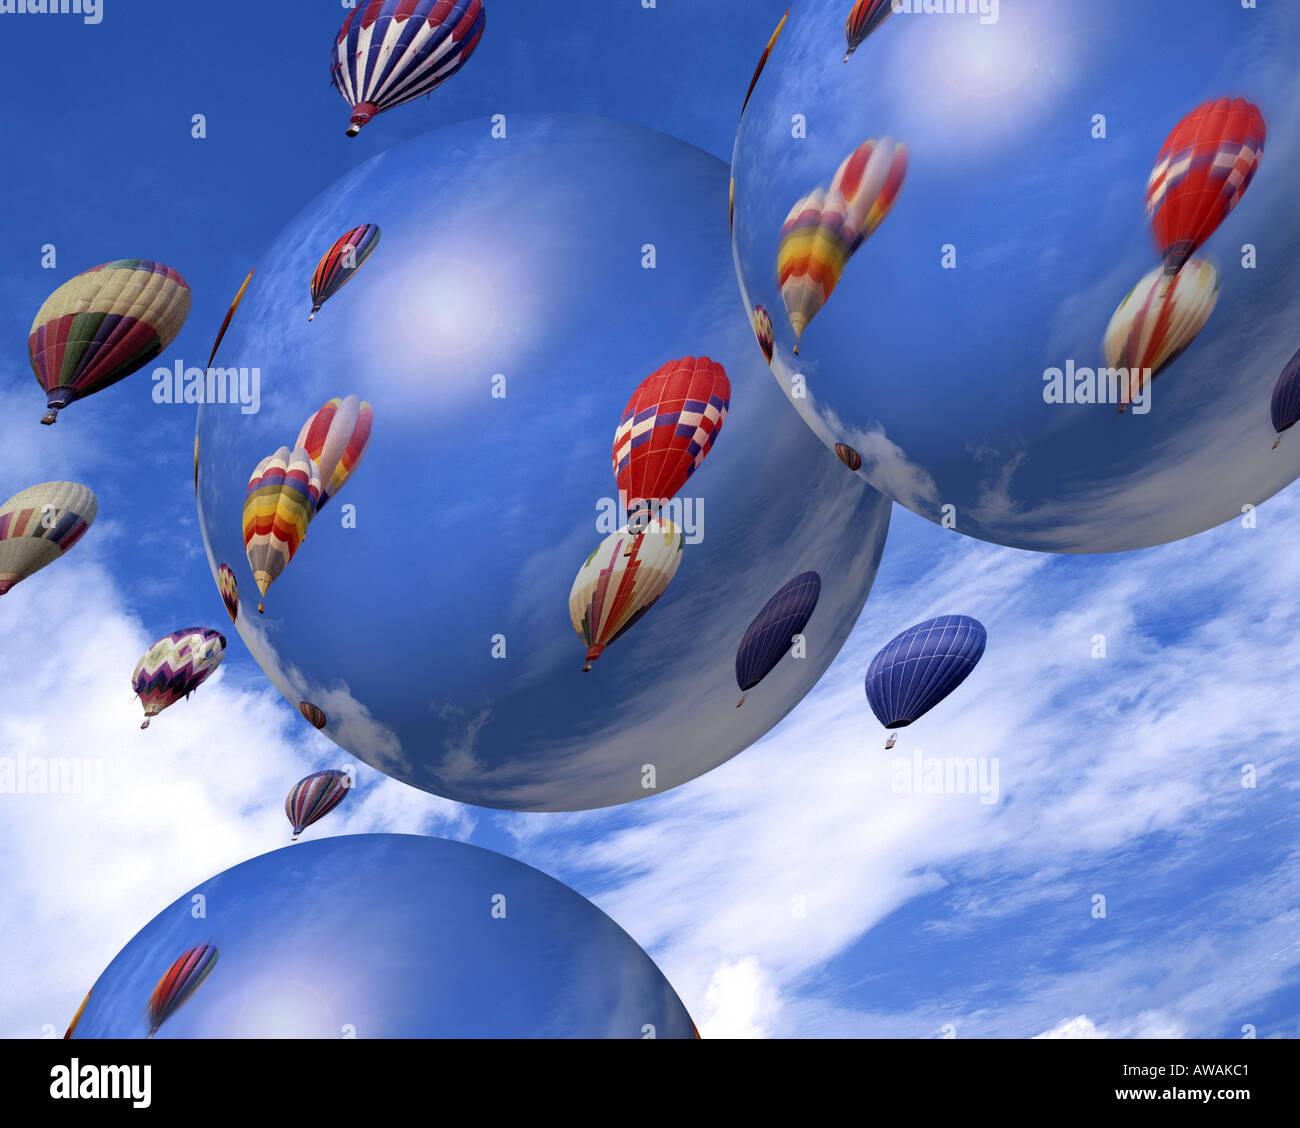 Concetto digitale: i palloni ad aria calda Immagini Stock